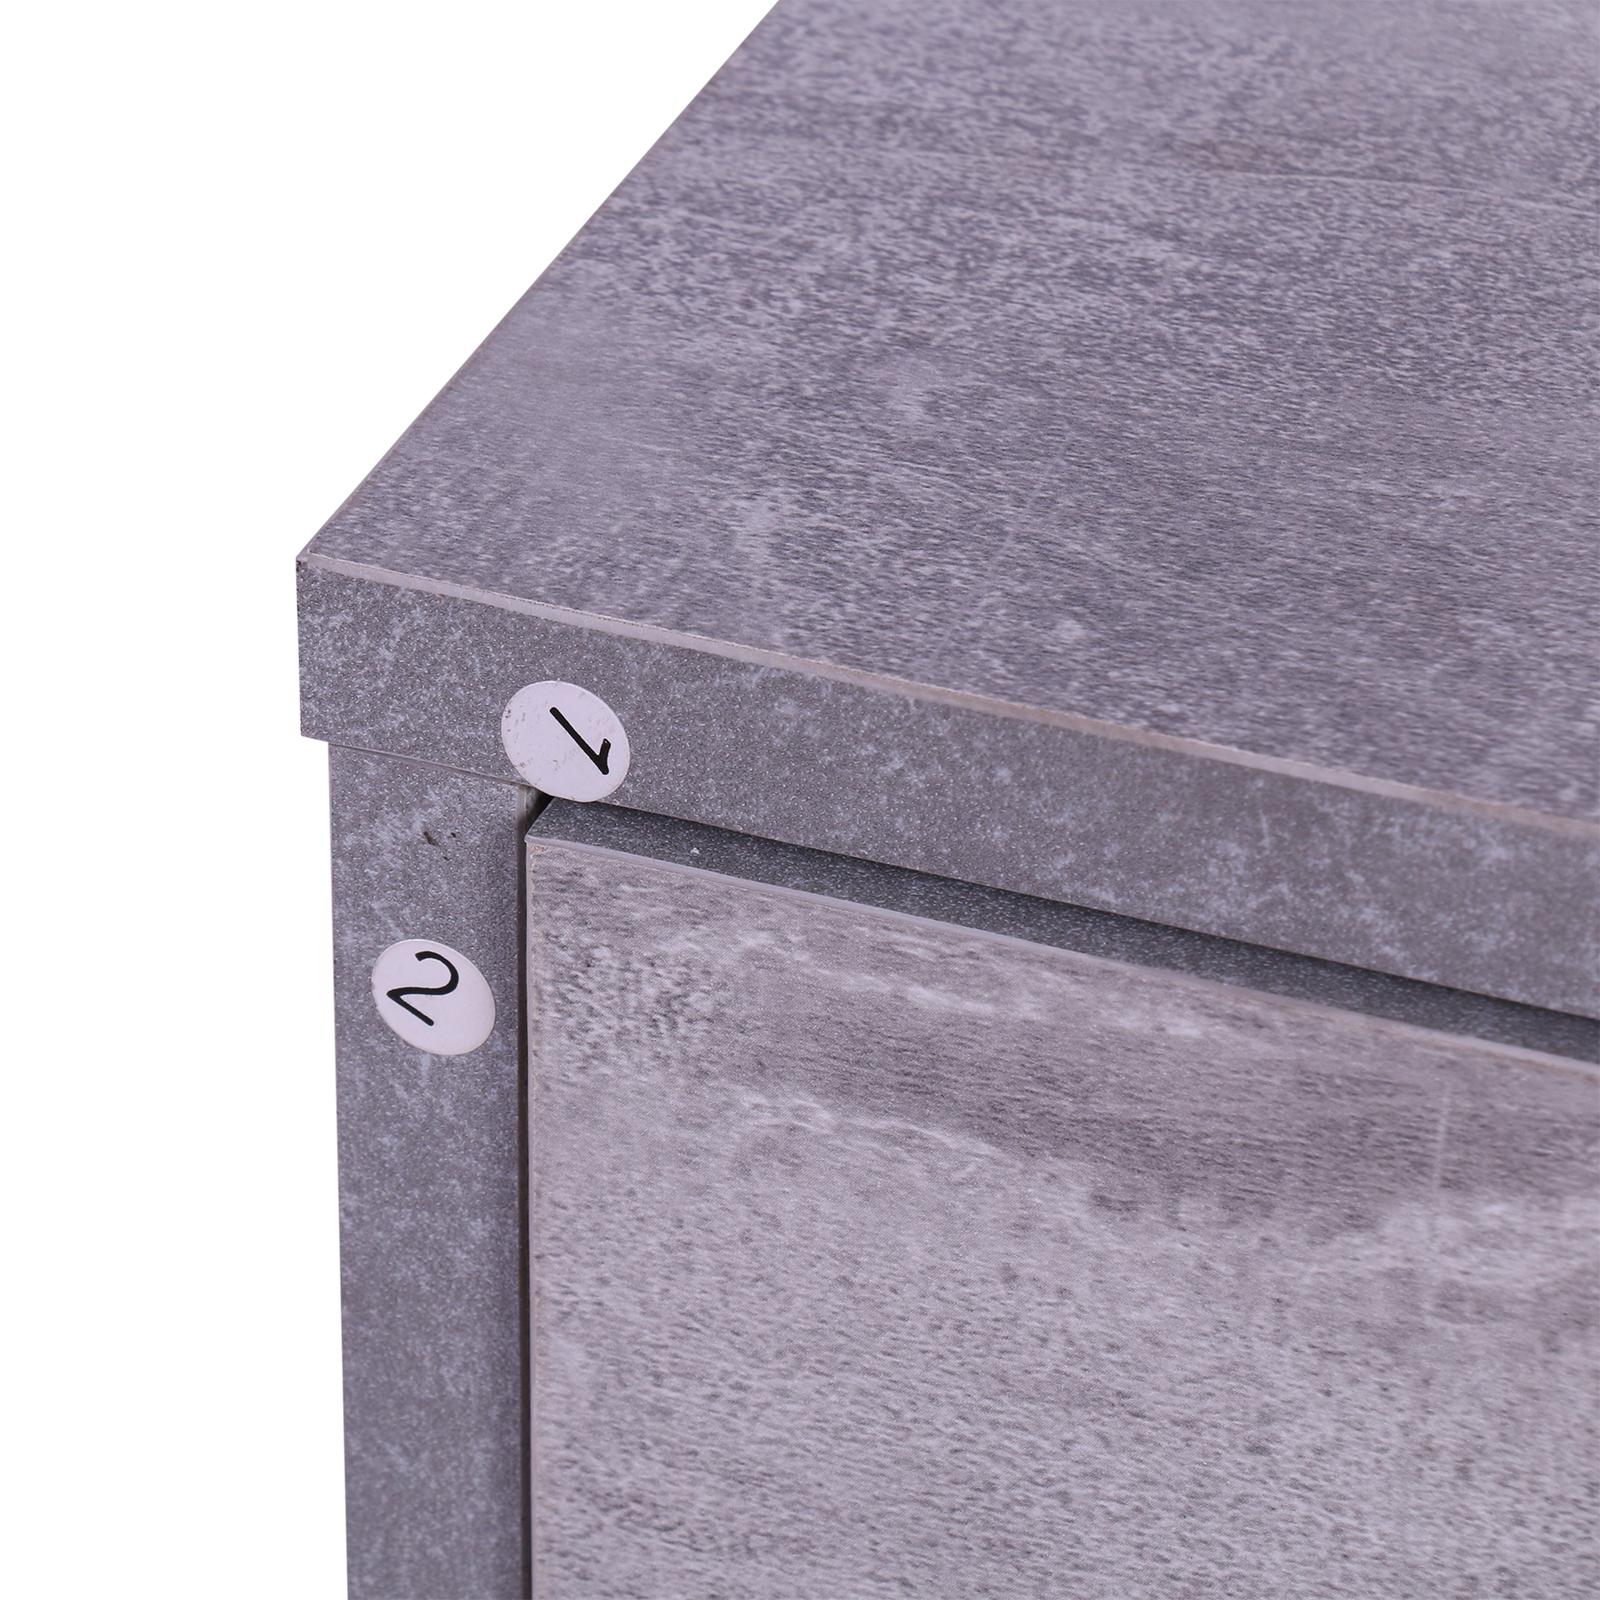 831 146gy11(3) - Conjunto Muebles de Entrada Recibidor Pasillo 3 Piezas Perchero Espejo Zapatero